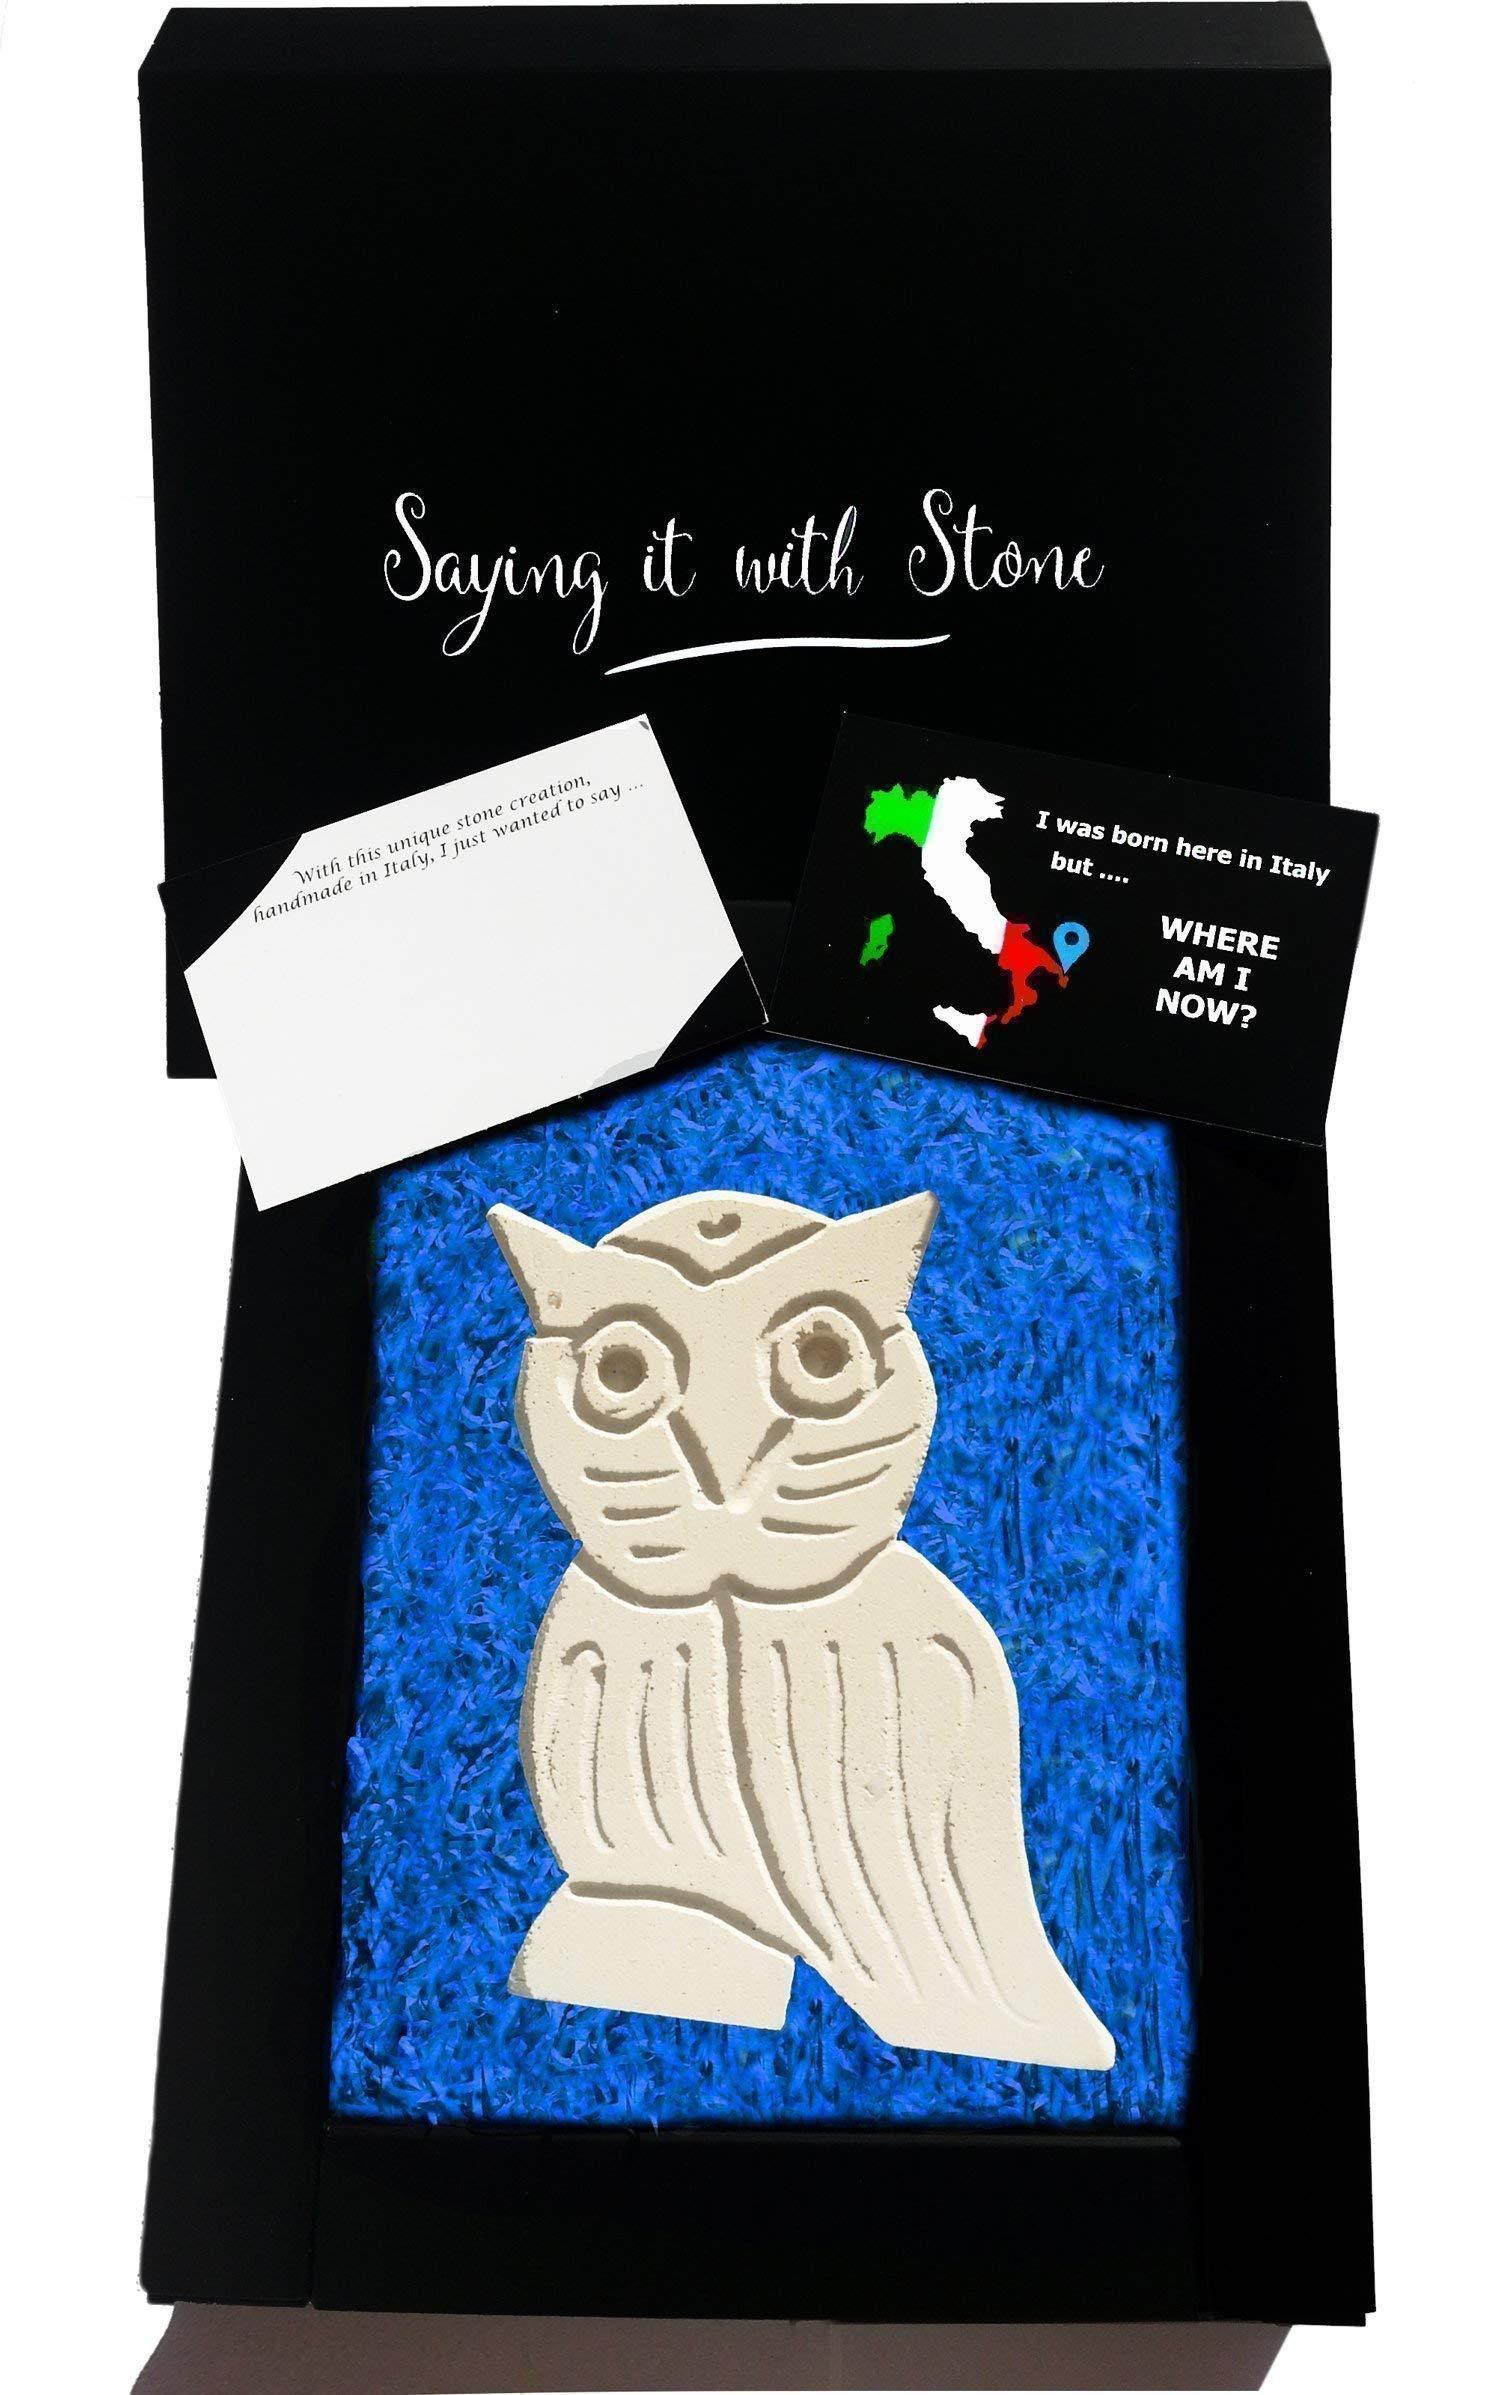 Idee Cadeau Hibou.Hibou Fait A La Main Symbole De La Sagesse Coffret Cadeau Et Carte De Message Inclus Handmade In Italy Idee Cadeau Femme Homme Anniversaire